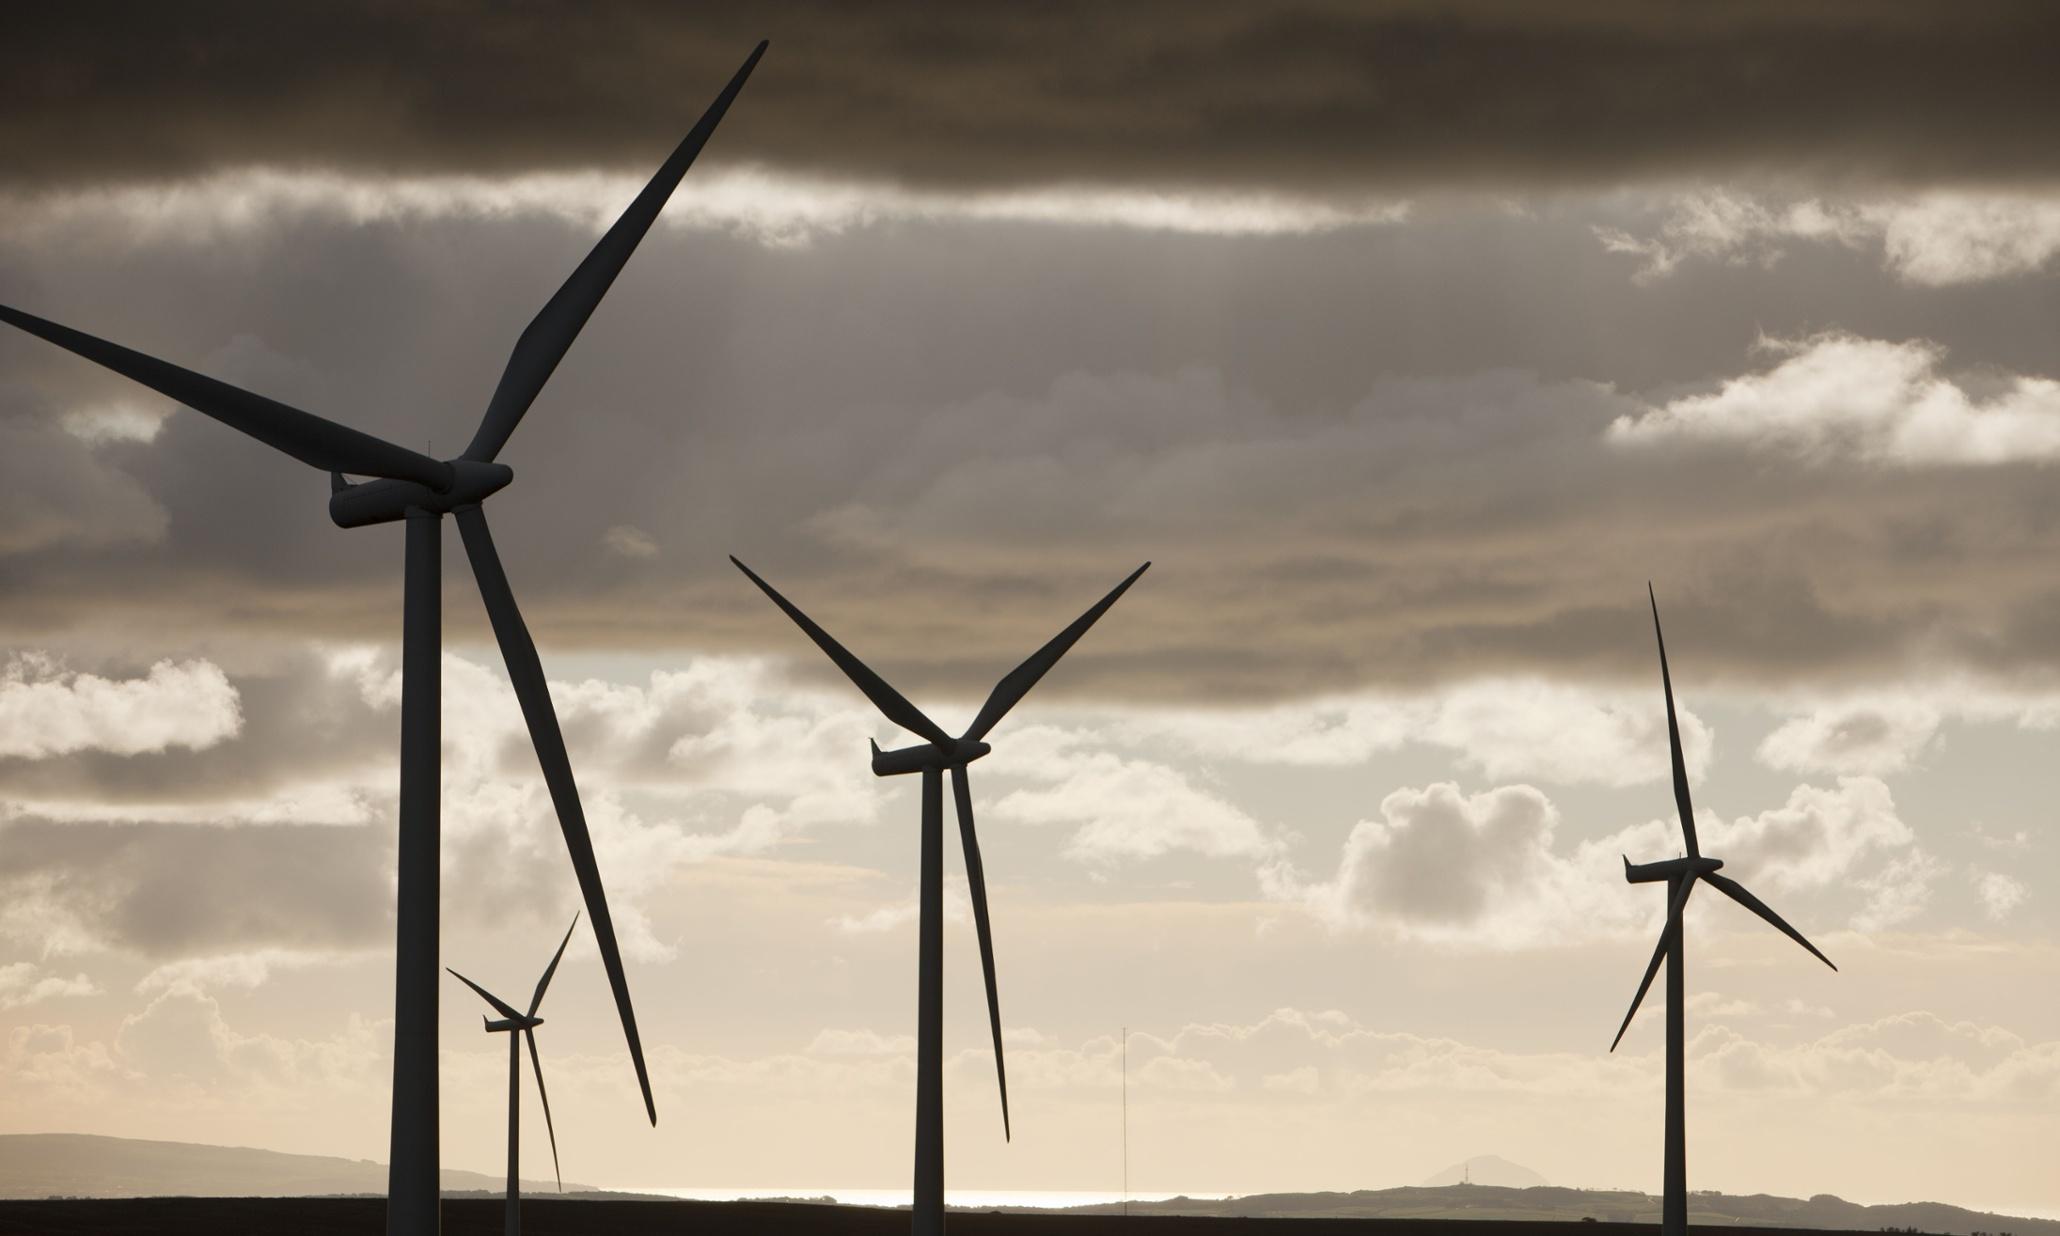 Media Force 9 Energy UK wind farm developer